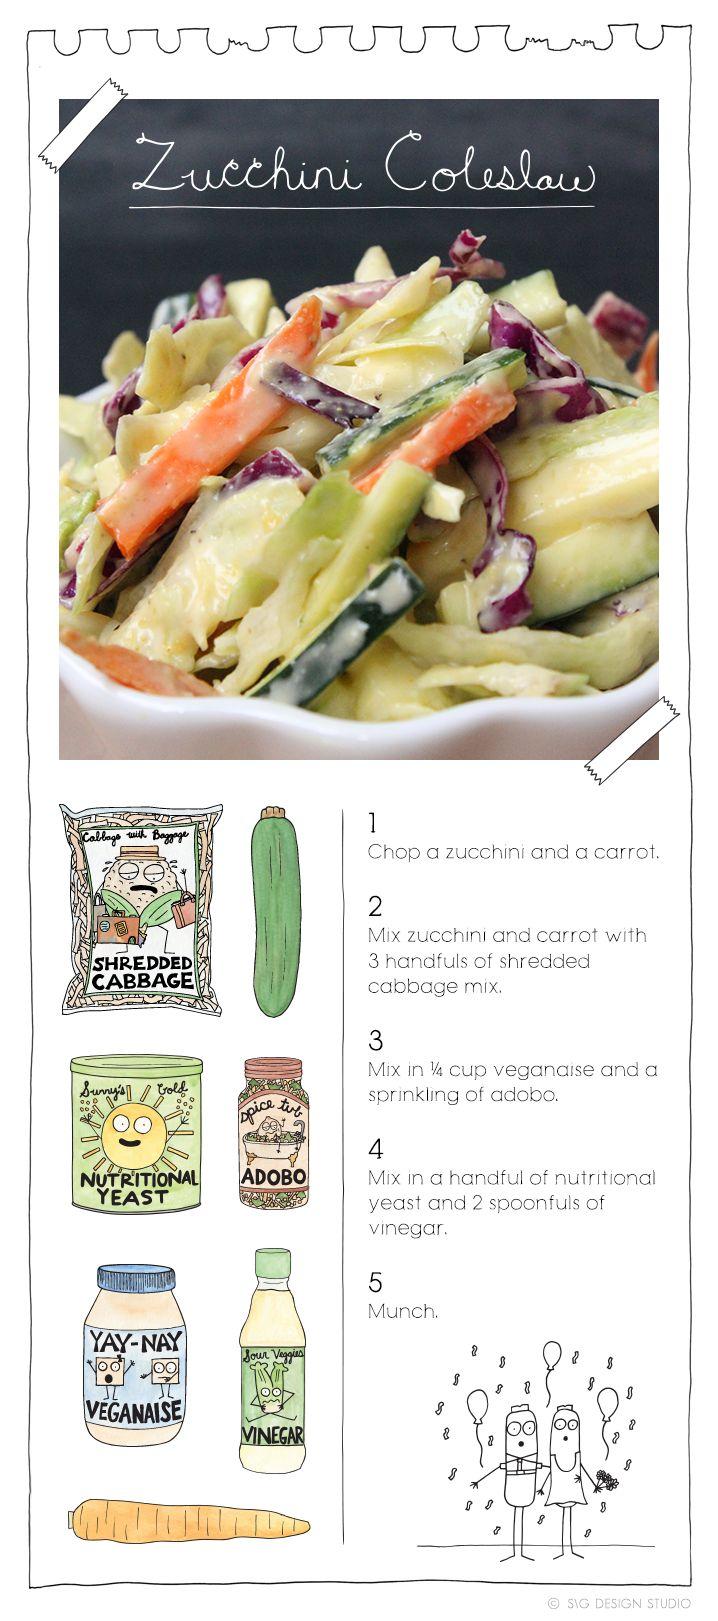 Zucchini Coleslaw. More recipes at: TheVeganStoner.com